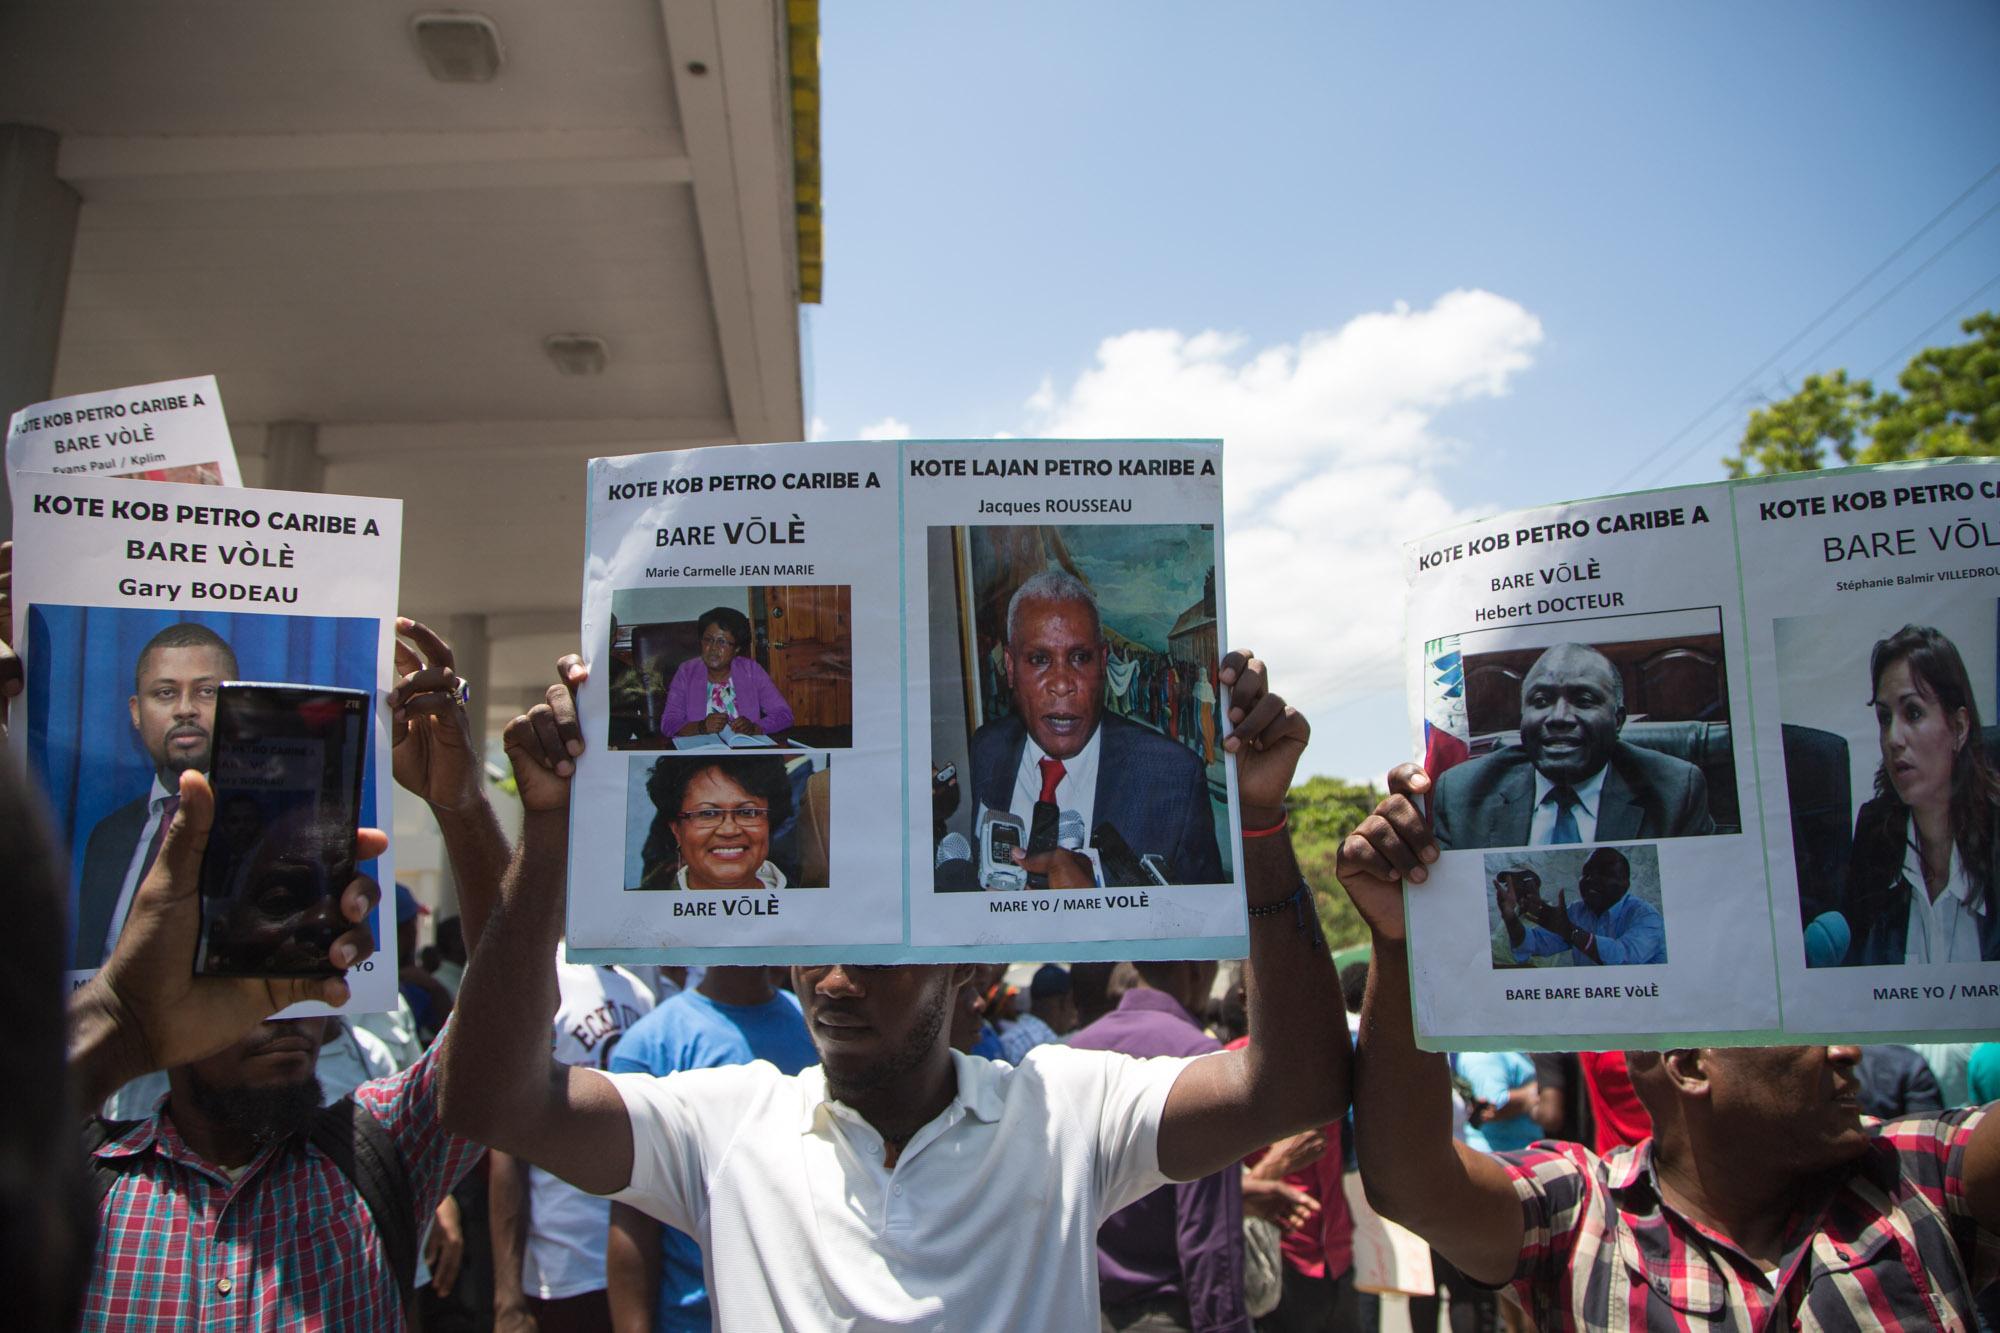 En attendant, la mobilisation se poursuit: une autre journée de manifestation est programmée pour le 17 octobre, date d'anniversaire de l'assassinat de l'empereur Jean-Jacques Dessalines, le libérateur de la nation haitienne